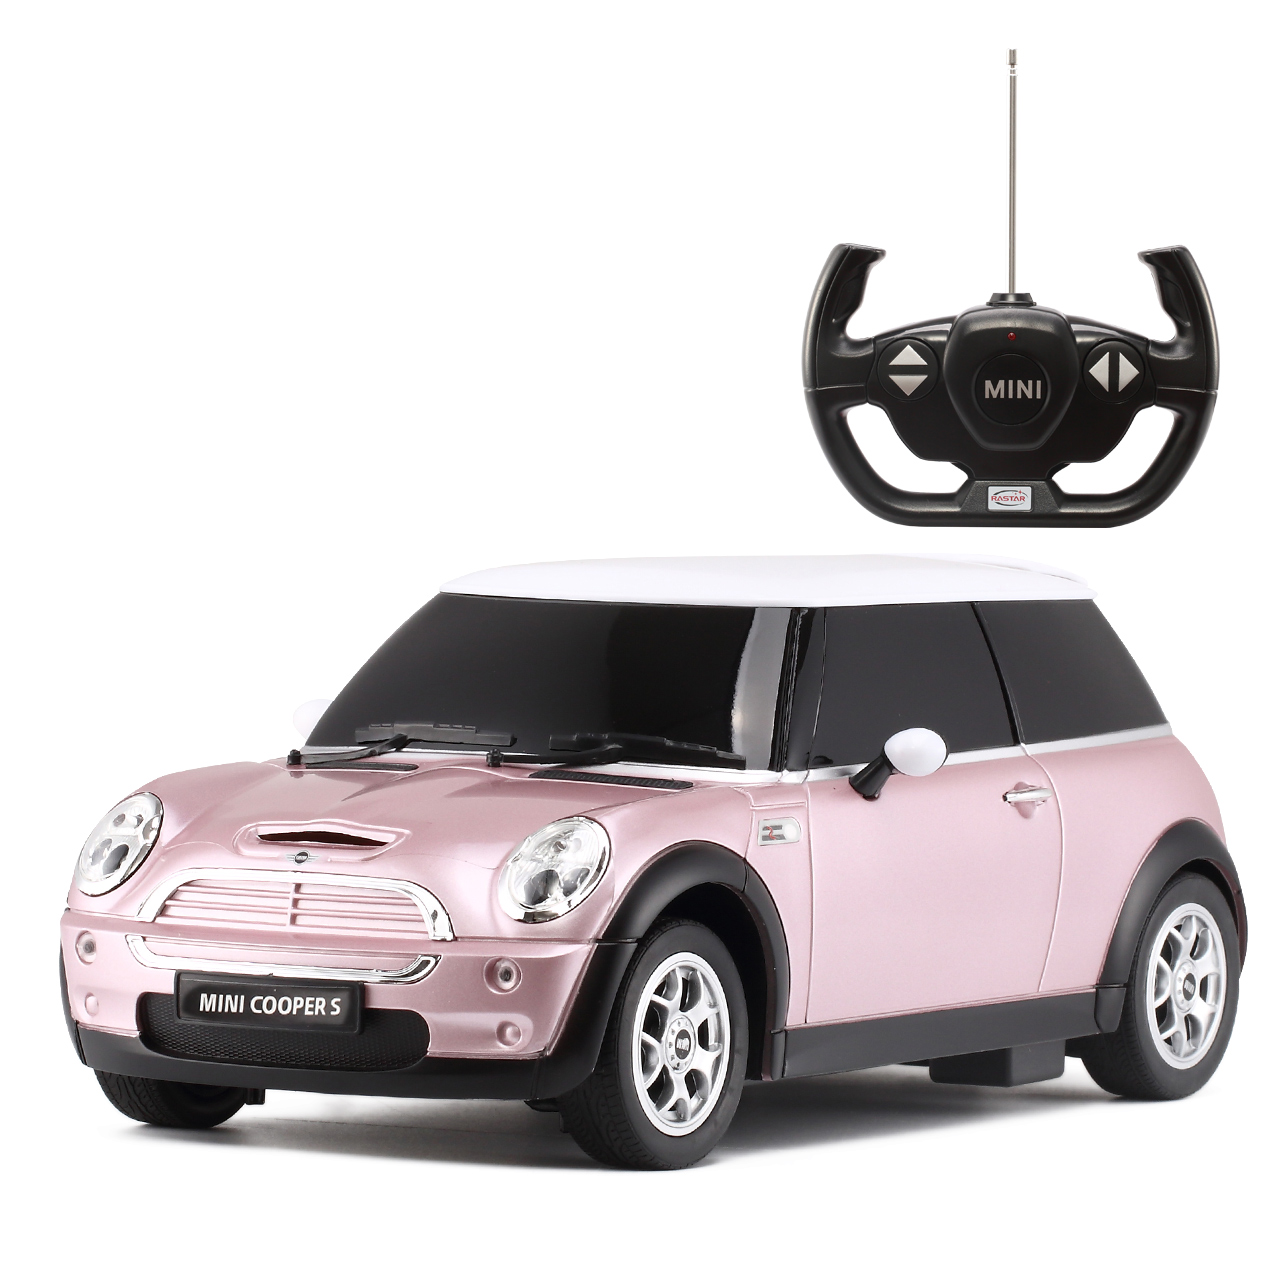 Rastar 星輝寶馬MINI電動遙控車兒童玩具遙控汽車寶馬車模型1:14